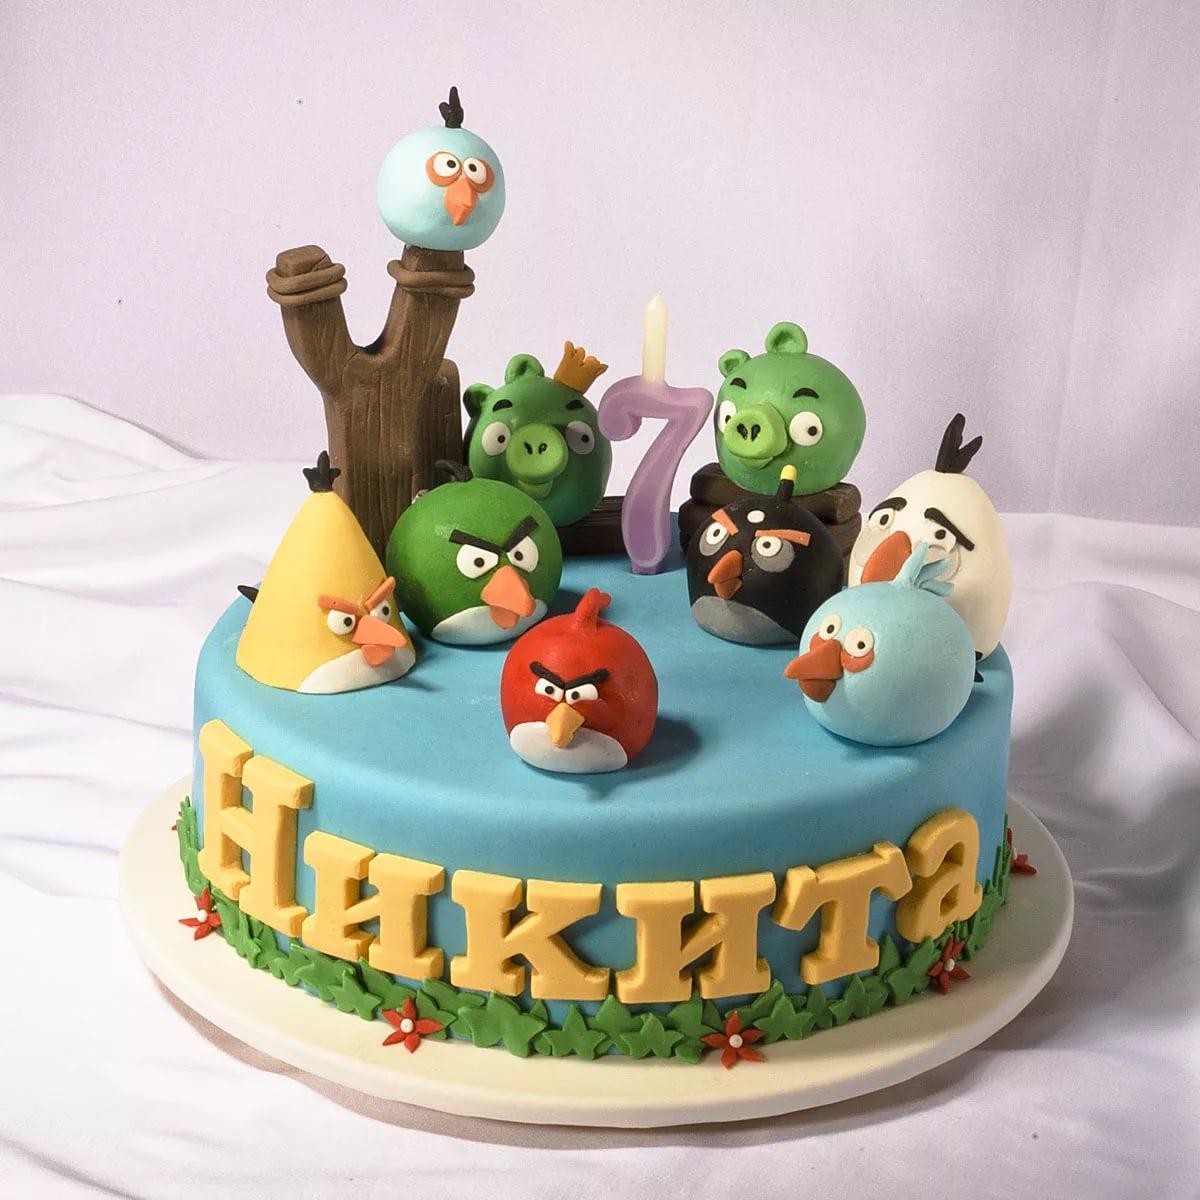 Картинка на торт с днем рождения мальчику, поздравлением марта дочери